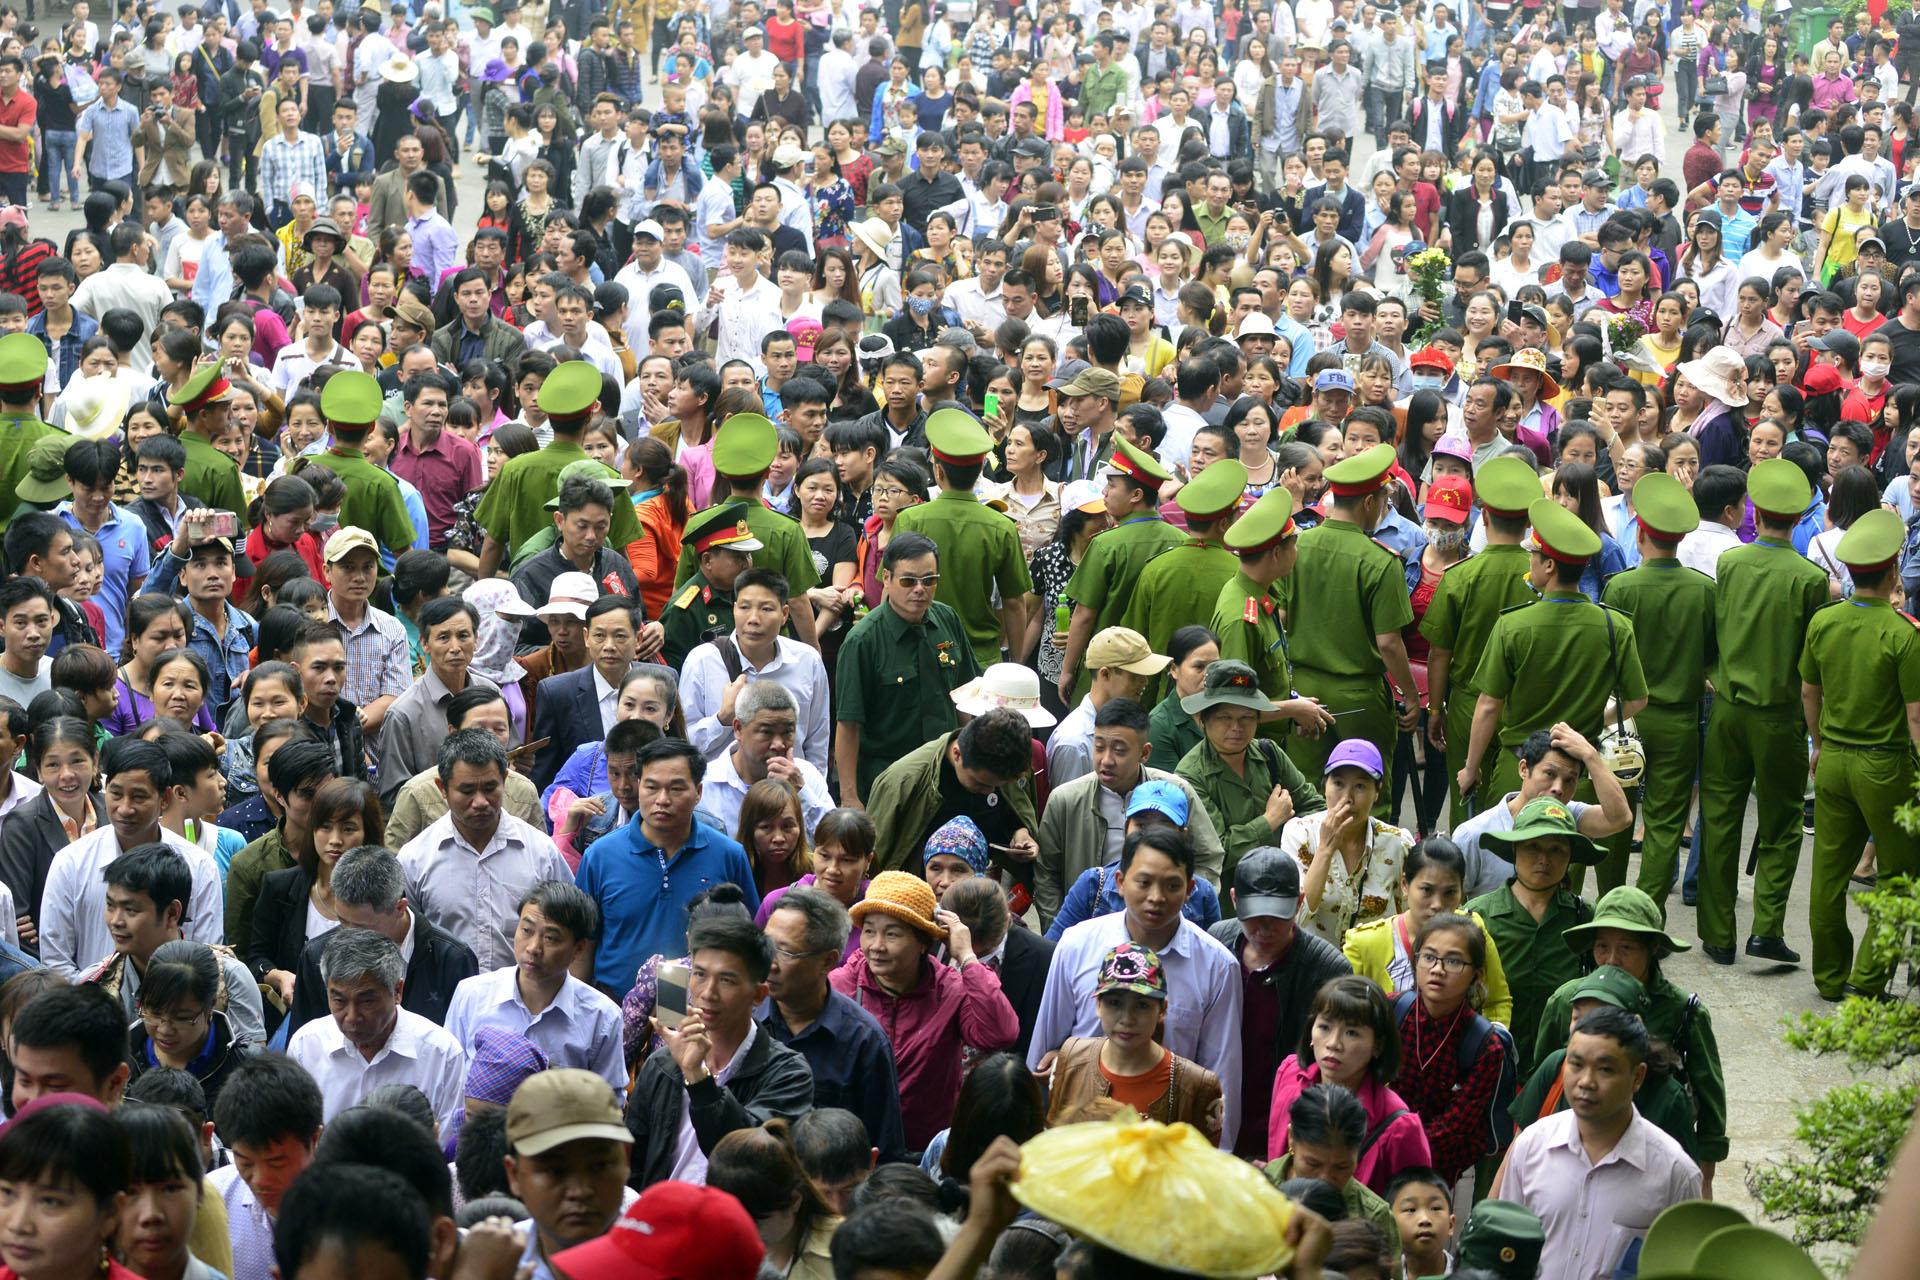 Lập 5 vòng an ninh bảo vệ ở Lễ hội đền Hùng